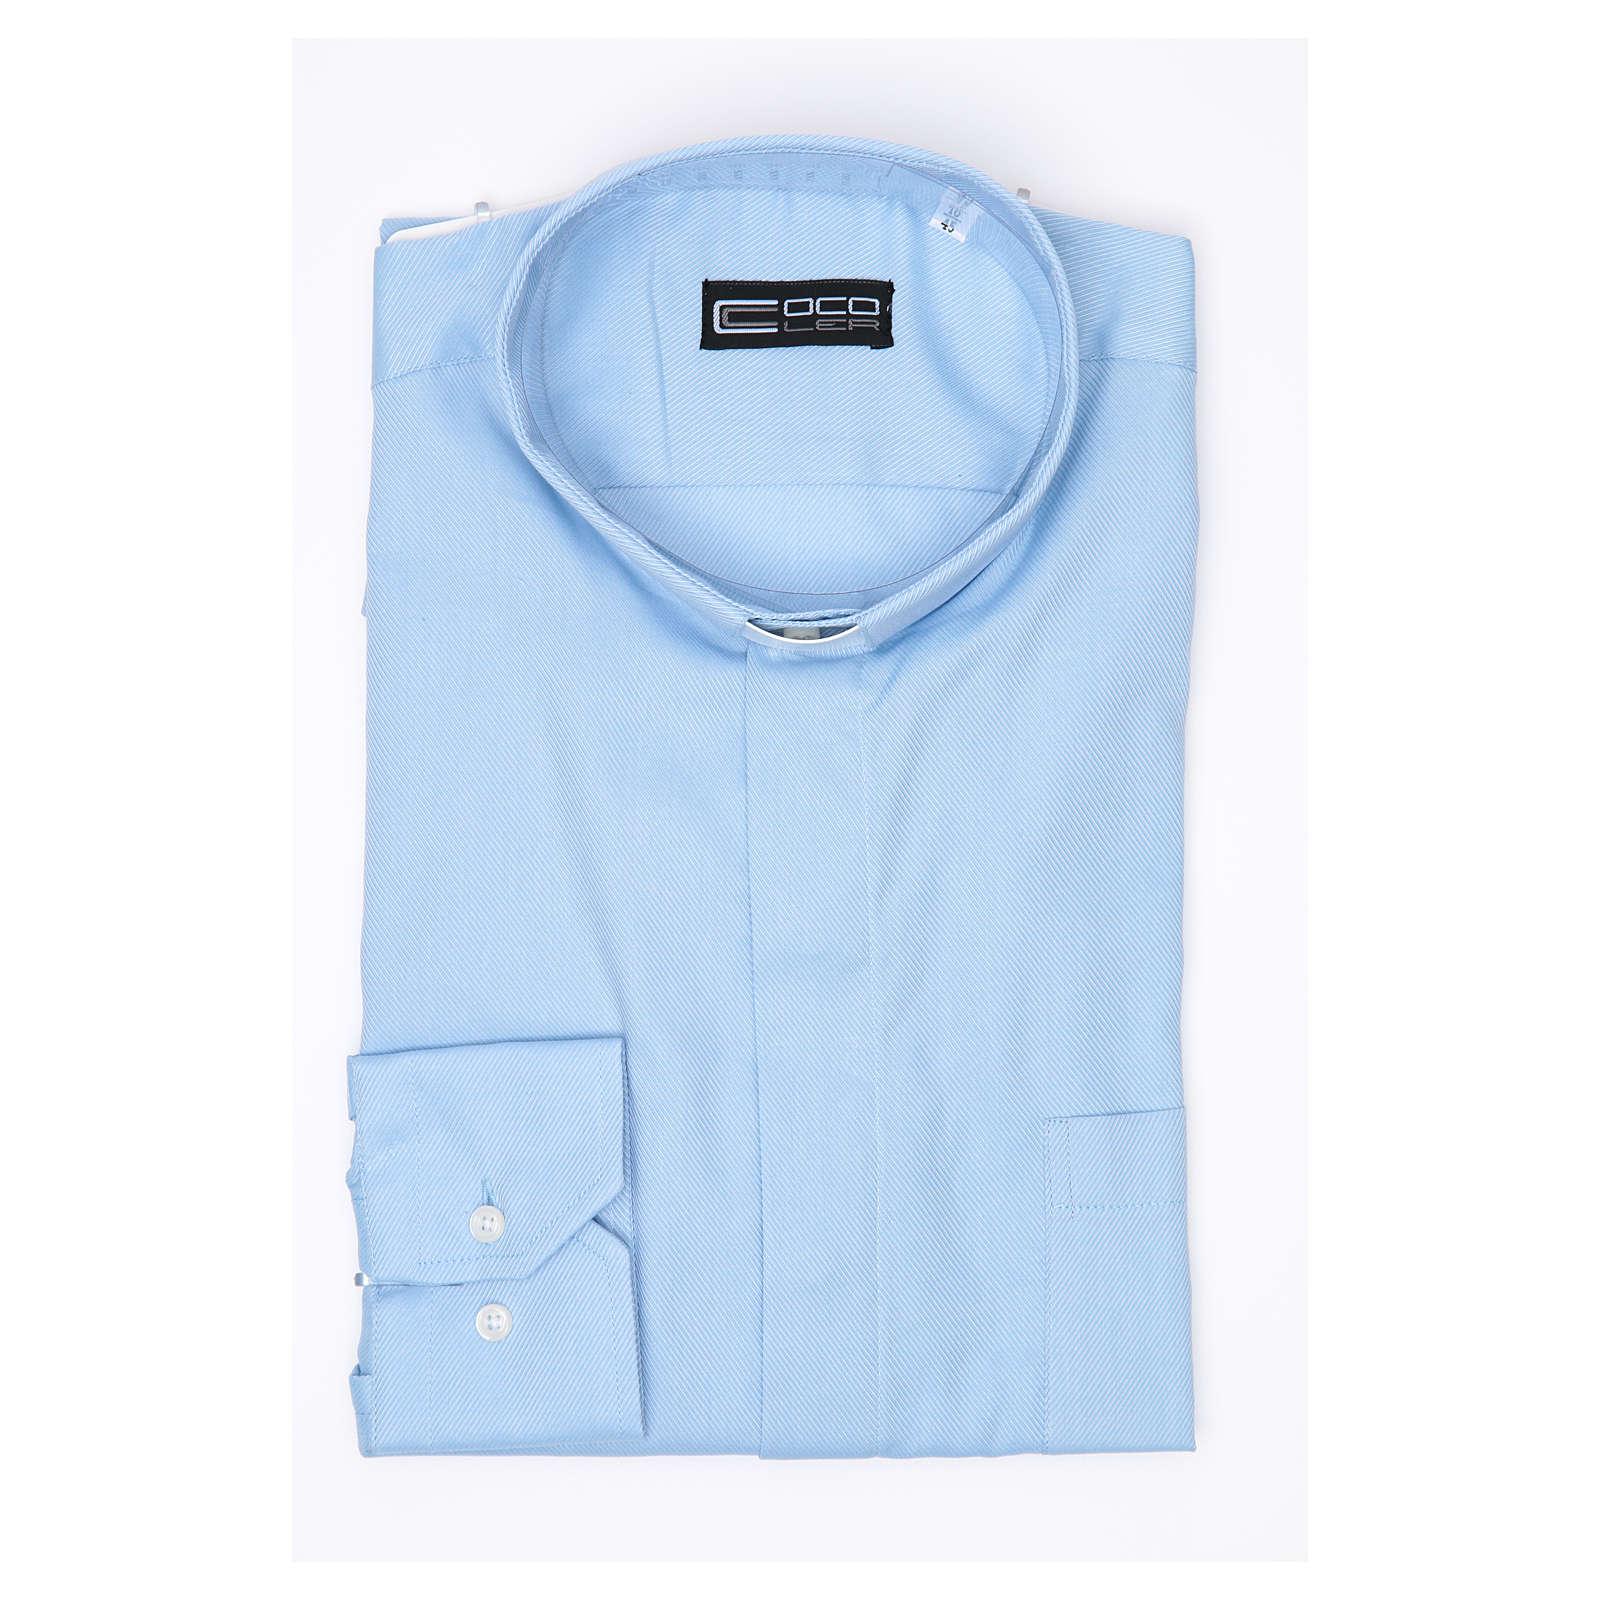 Collarhemd mit Langarm aus leicht zu bügelnden Baumwoll-Polyester-Mischgewebe mit Diagonalmuster in der Farbe Hellblau 4